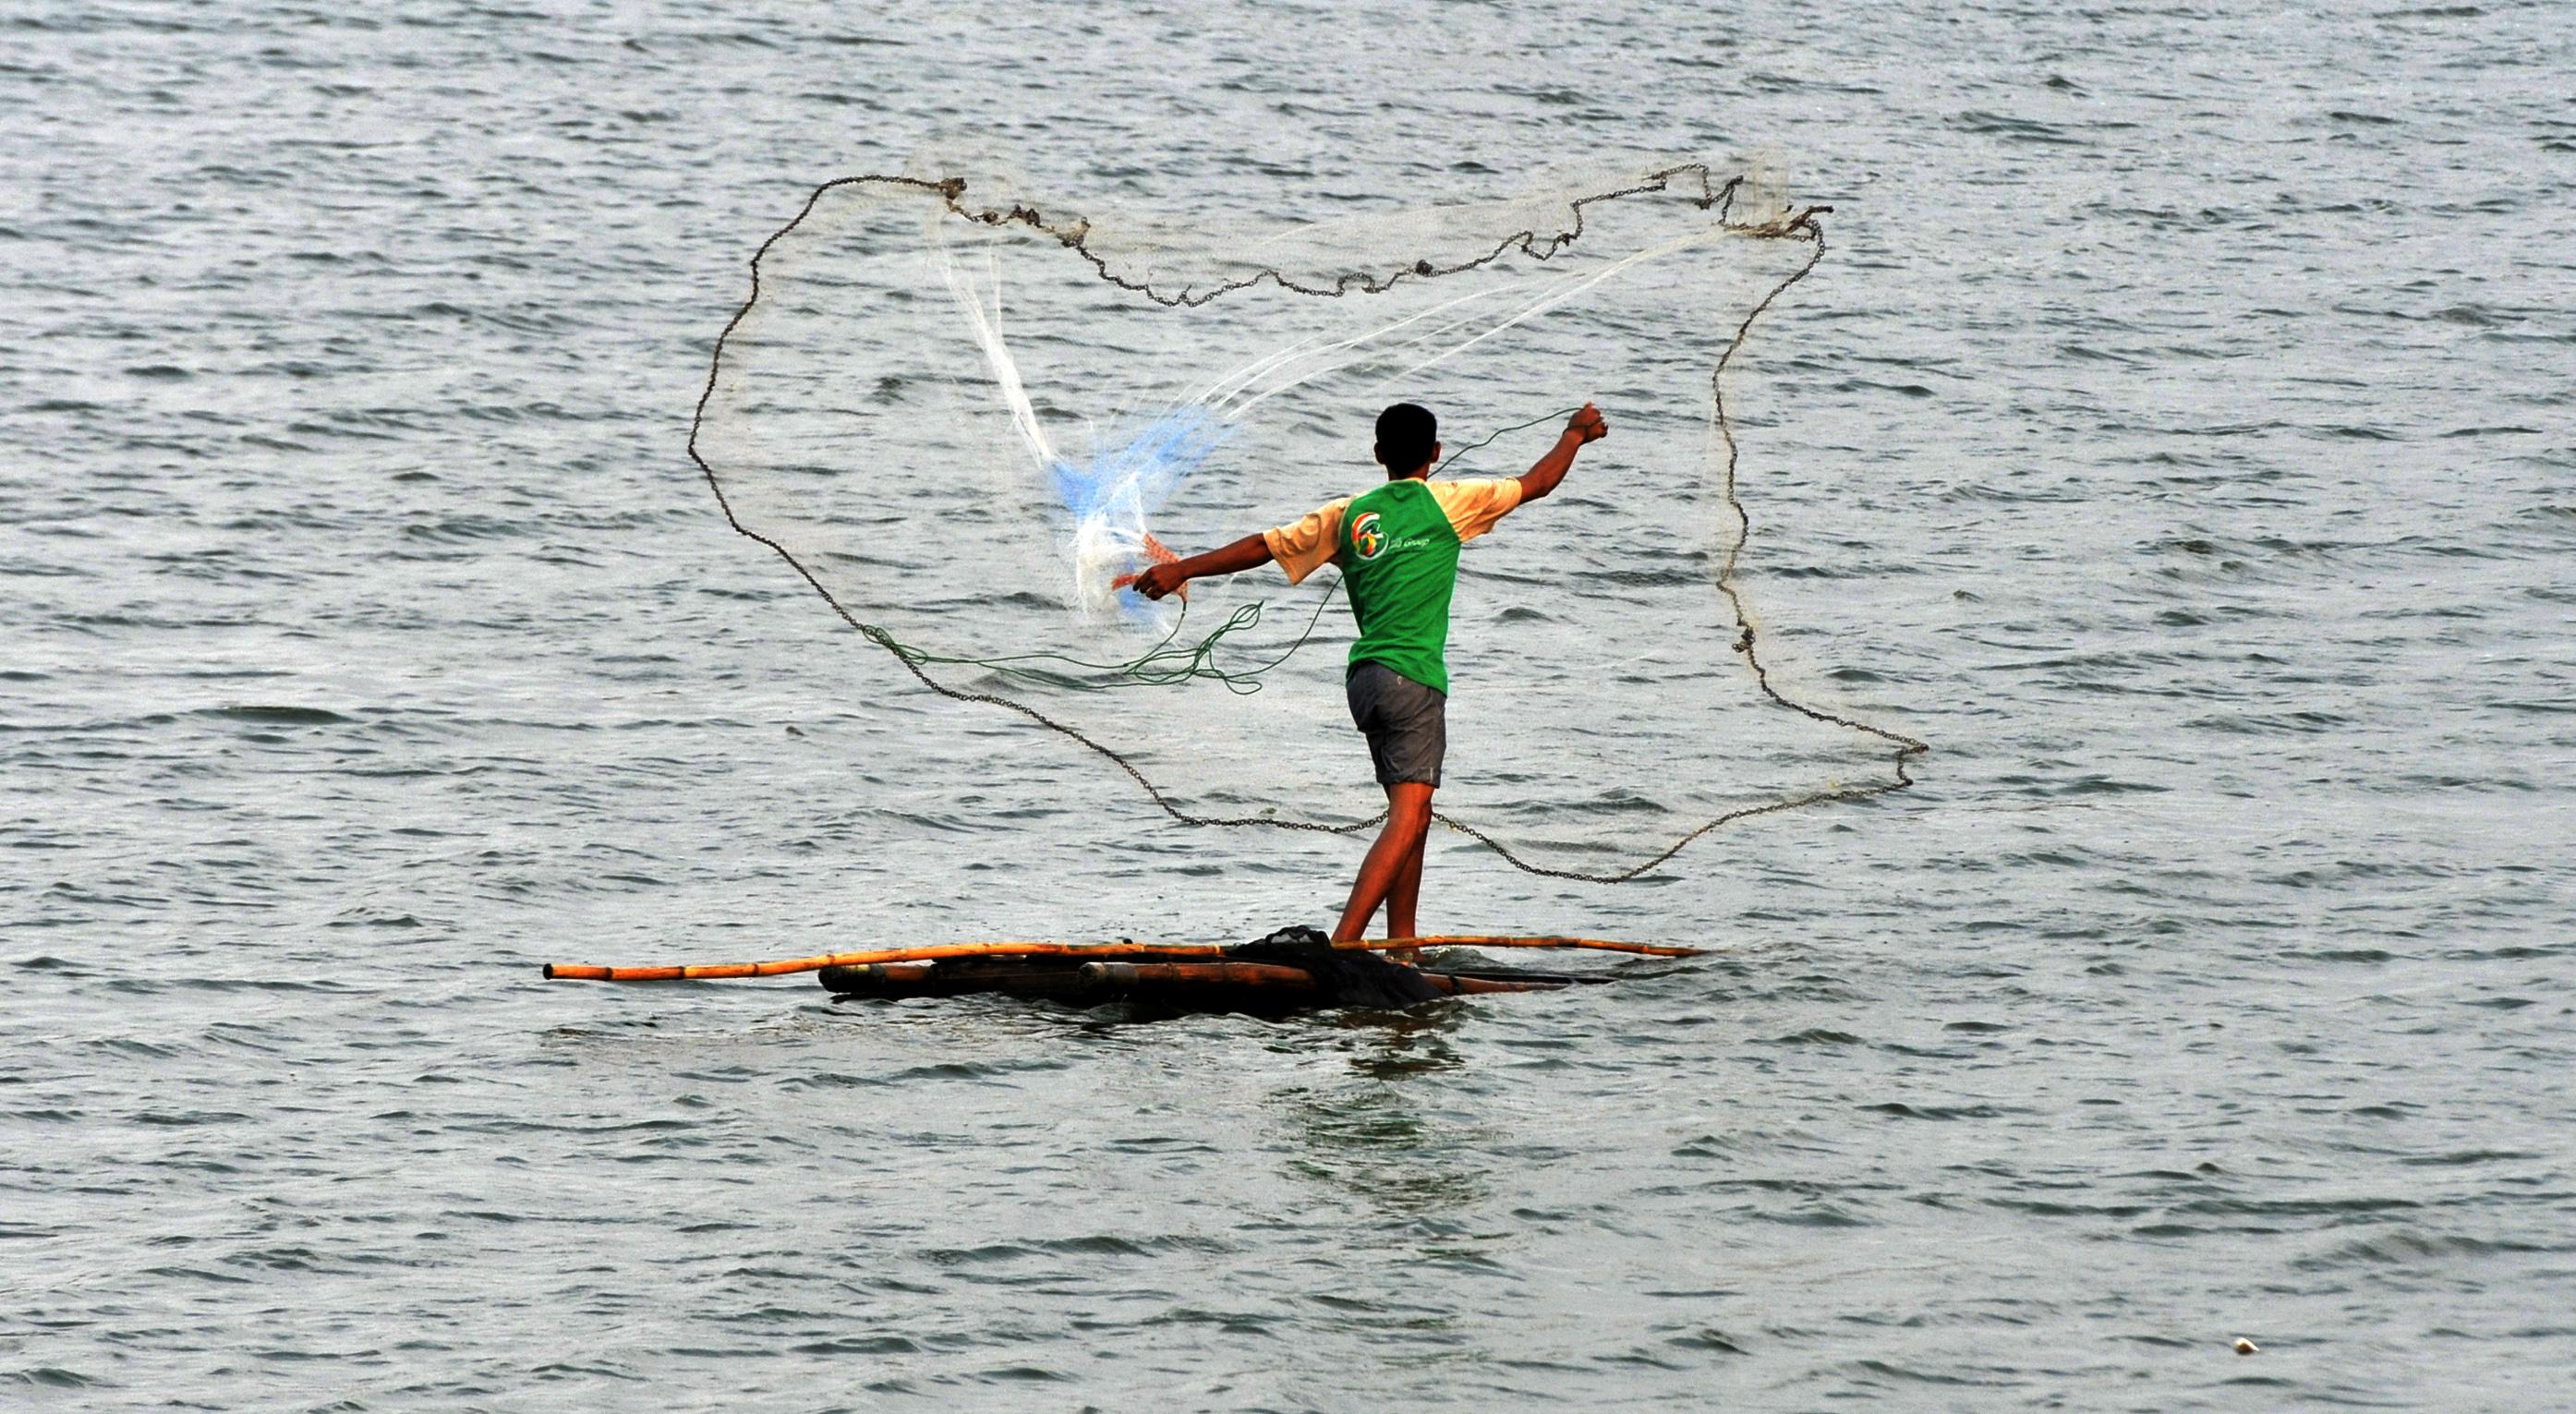 Nelayan menjala ikan tawar di Danau Barombong Makassar, Sulawesi Selatan, Minggu (8/11). Habitat ikan tawar di Makassar terancam punah karena banyak rawa tempat ikan tawar yang dibangun perumahan. ANTARA FOTO/Yusran Uccang.